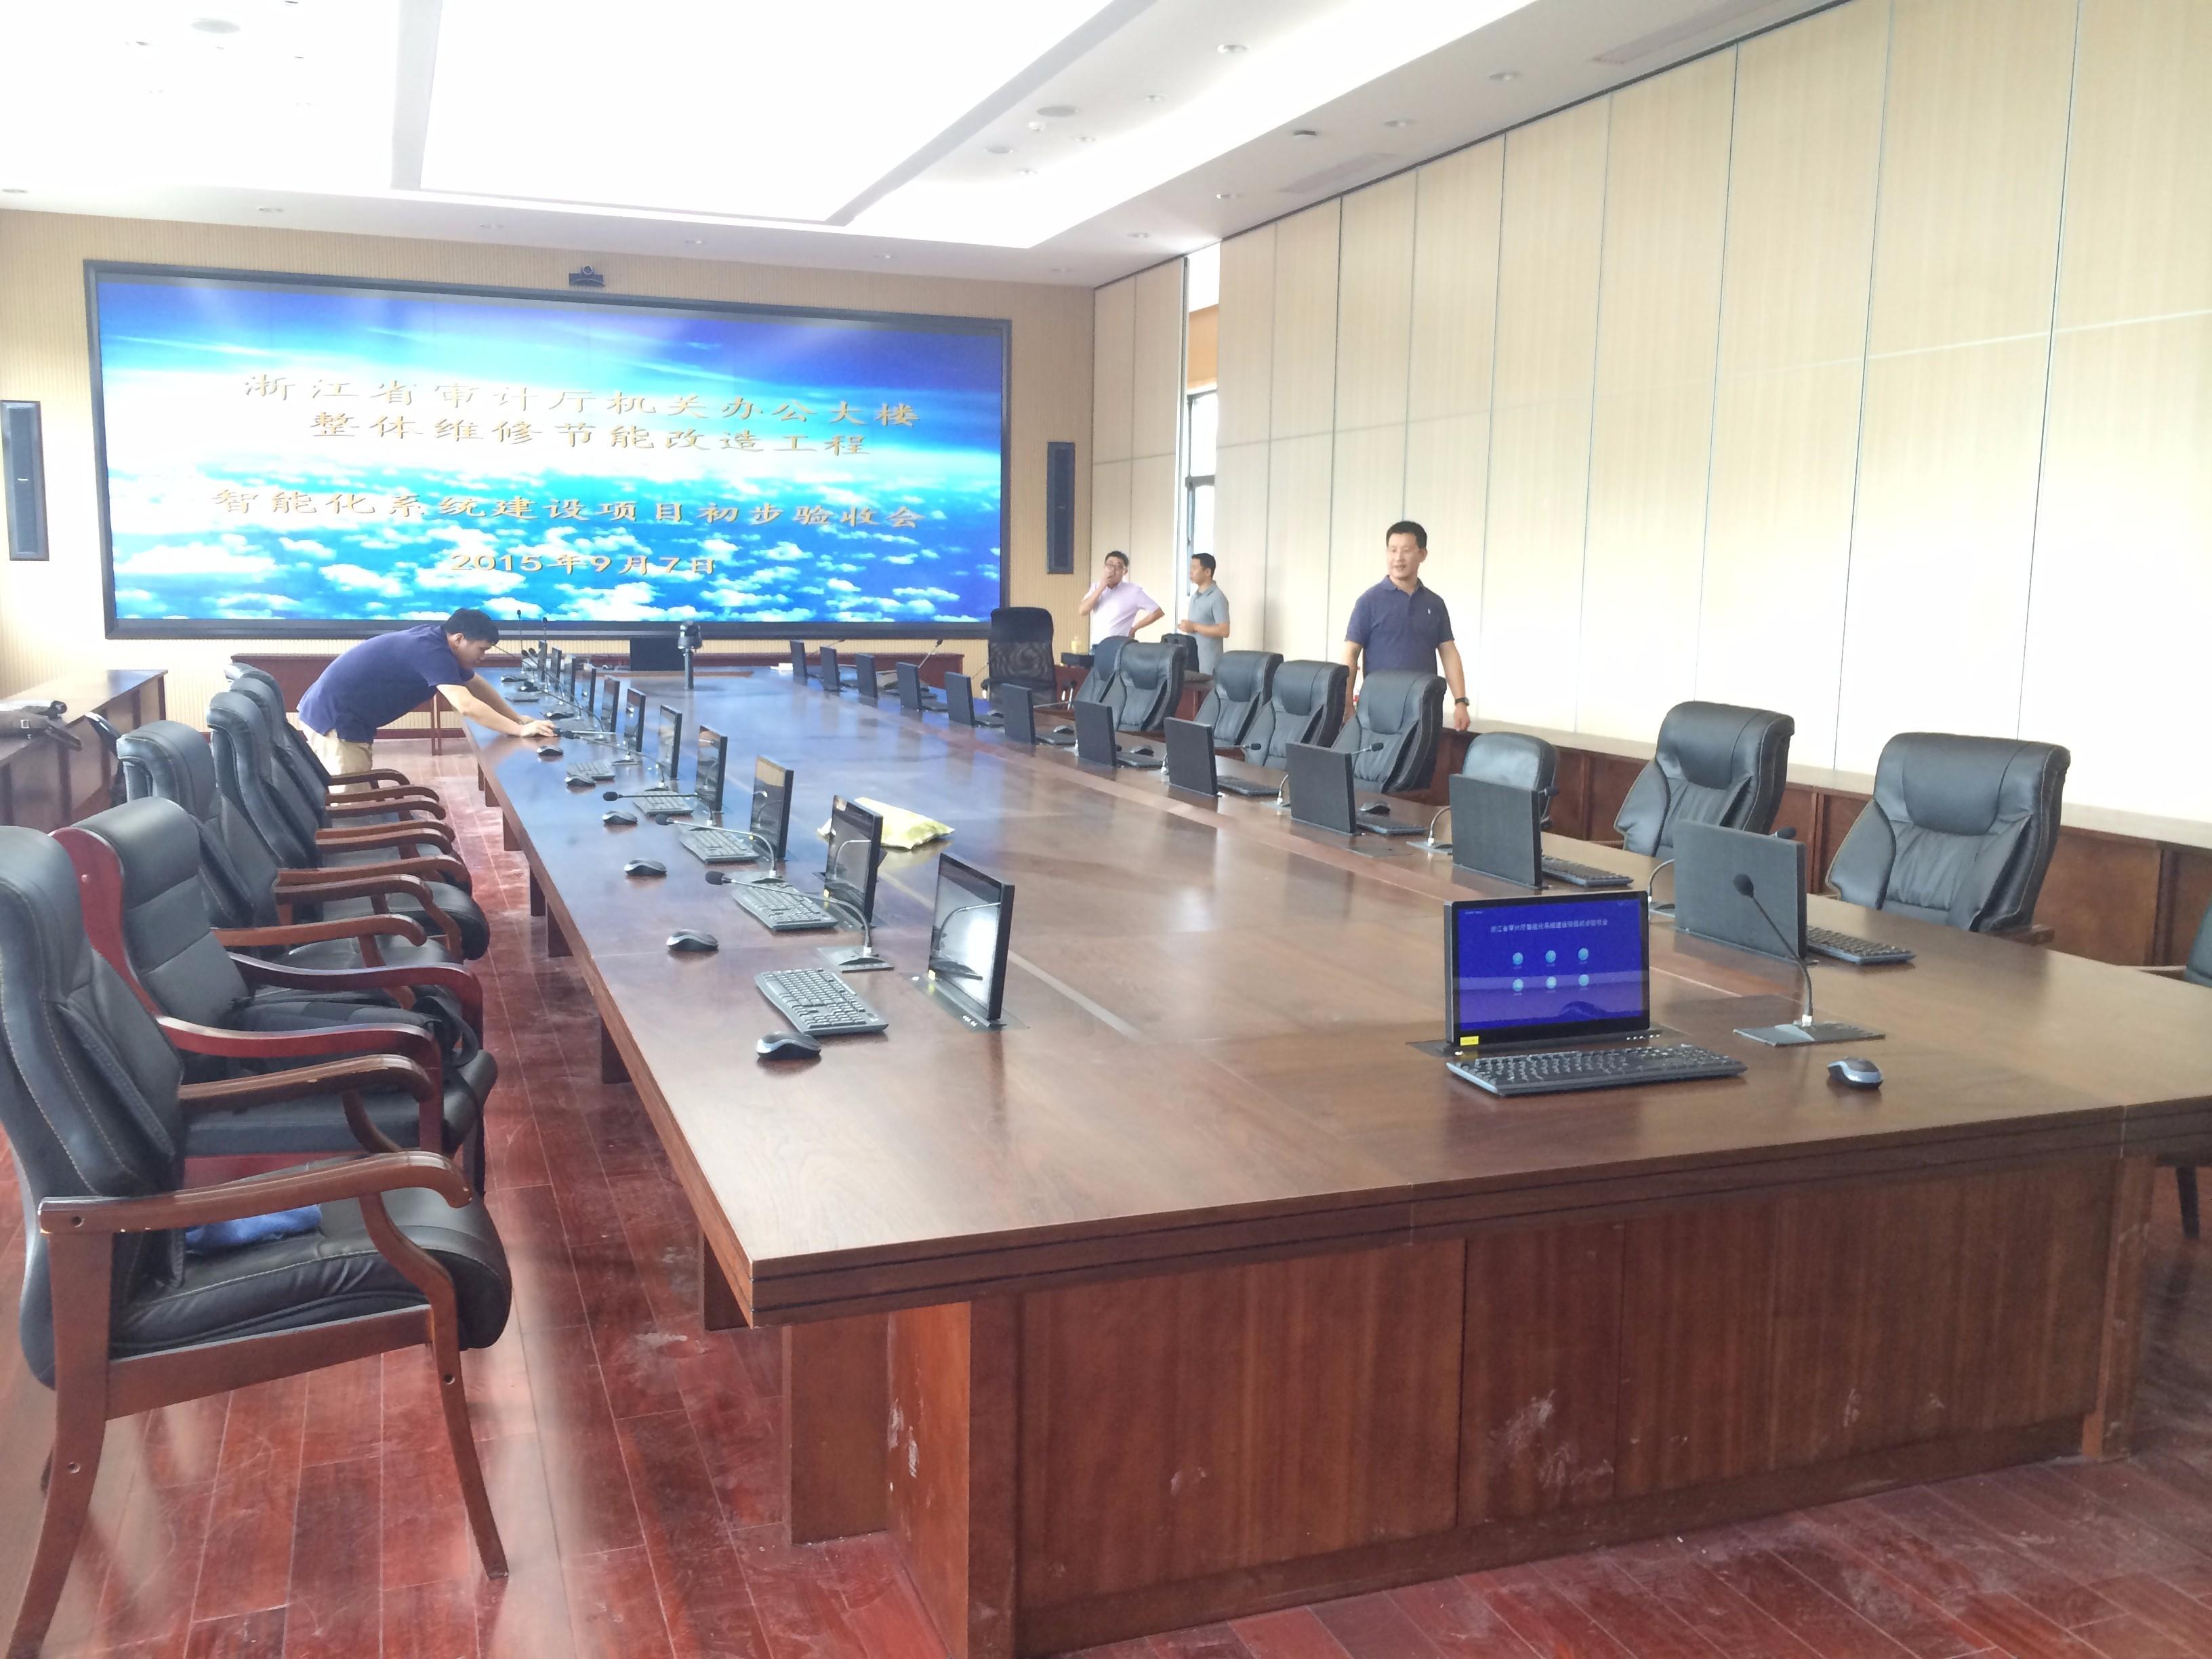 稳石无纸化升降系统|无纸化会议系统|杭州稳石升降机|杭州稳石科技有限公司